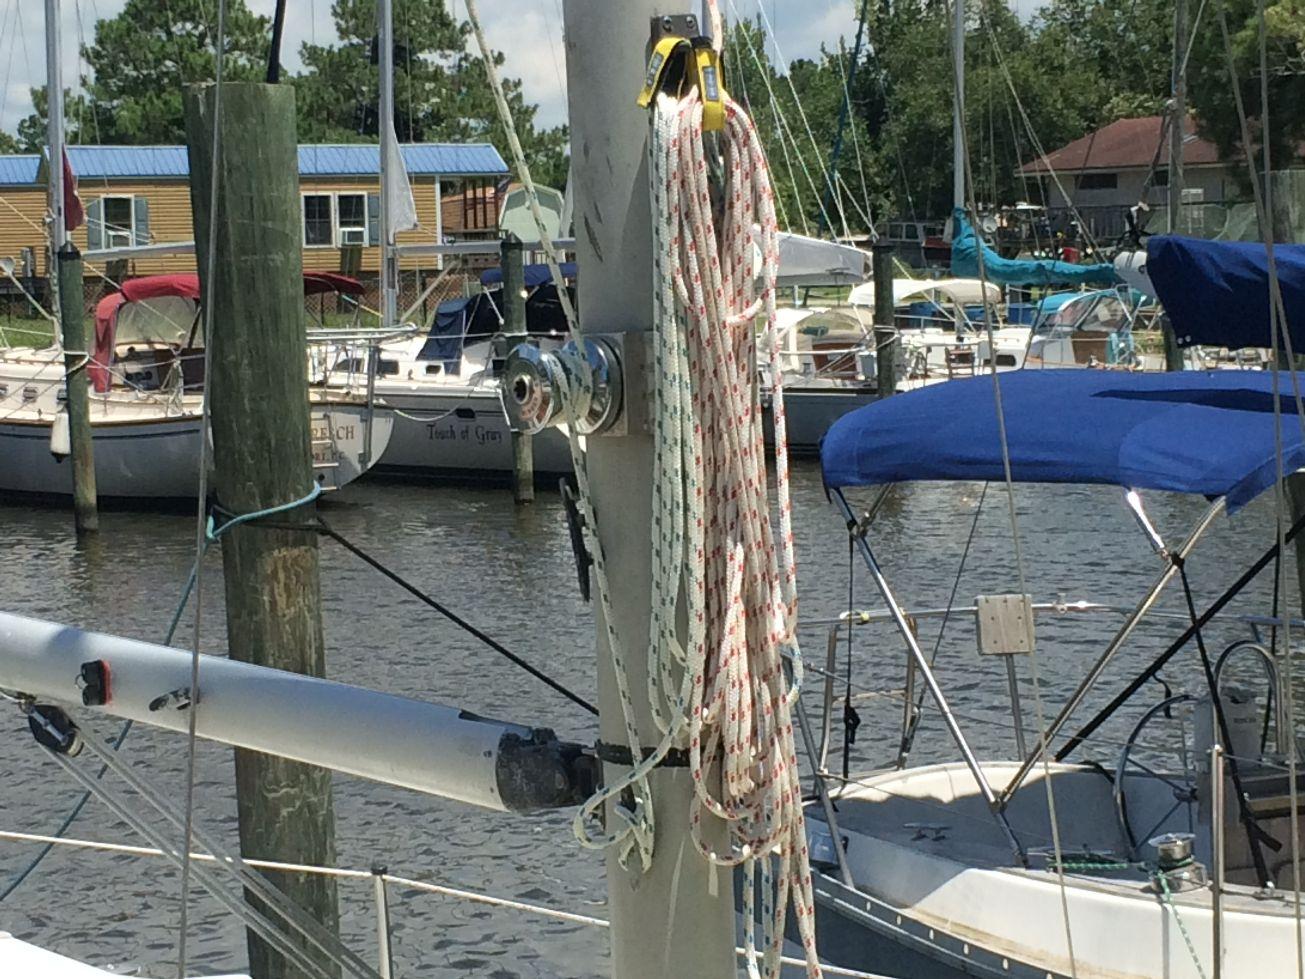 Pearson P-30 sailboat in Oriental, North-Carolina-USA